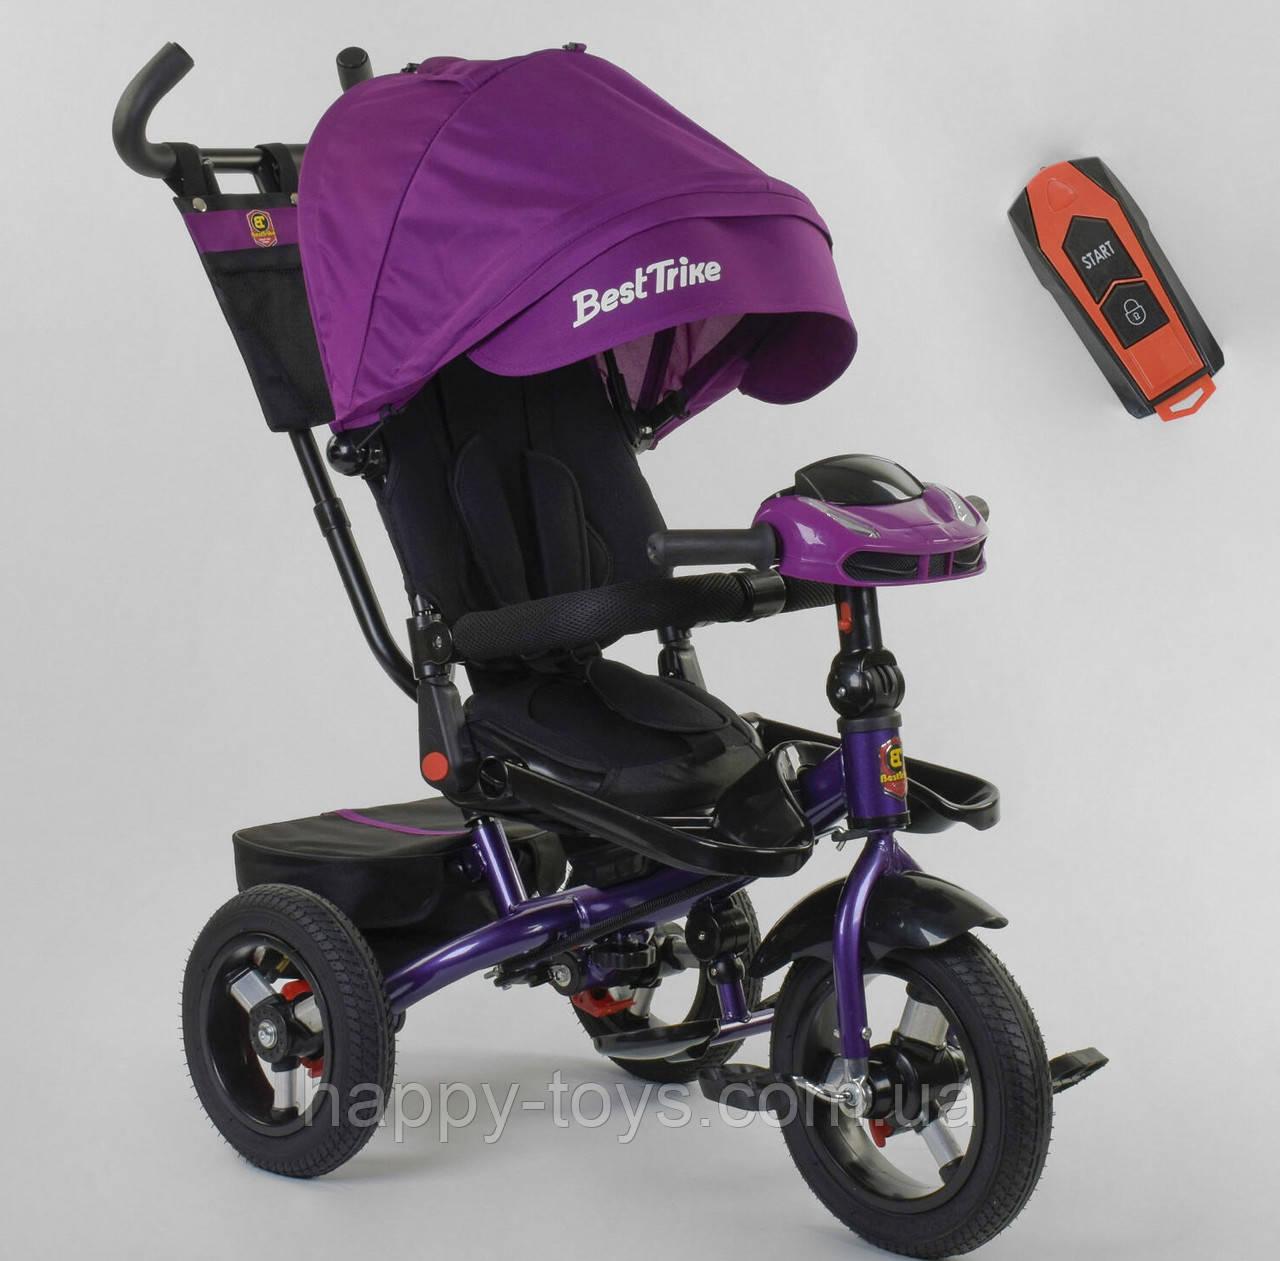 Велосипед 3-х колёсный, ФИОЛЕТОВЫЙ, Best Trike, фара с USB, пульт, надувные колеса, звук русский 6088 F-01-570